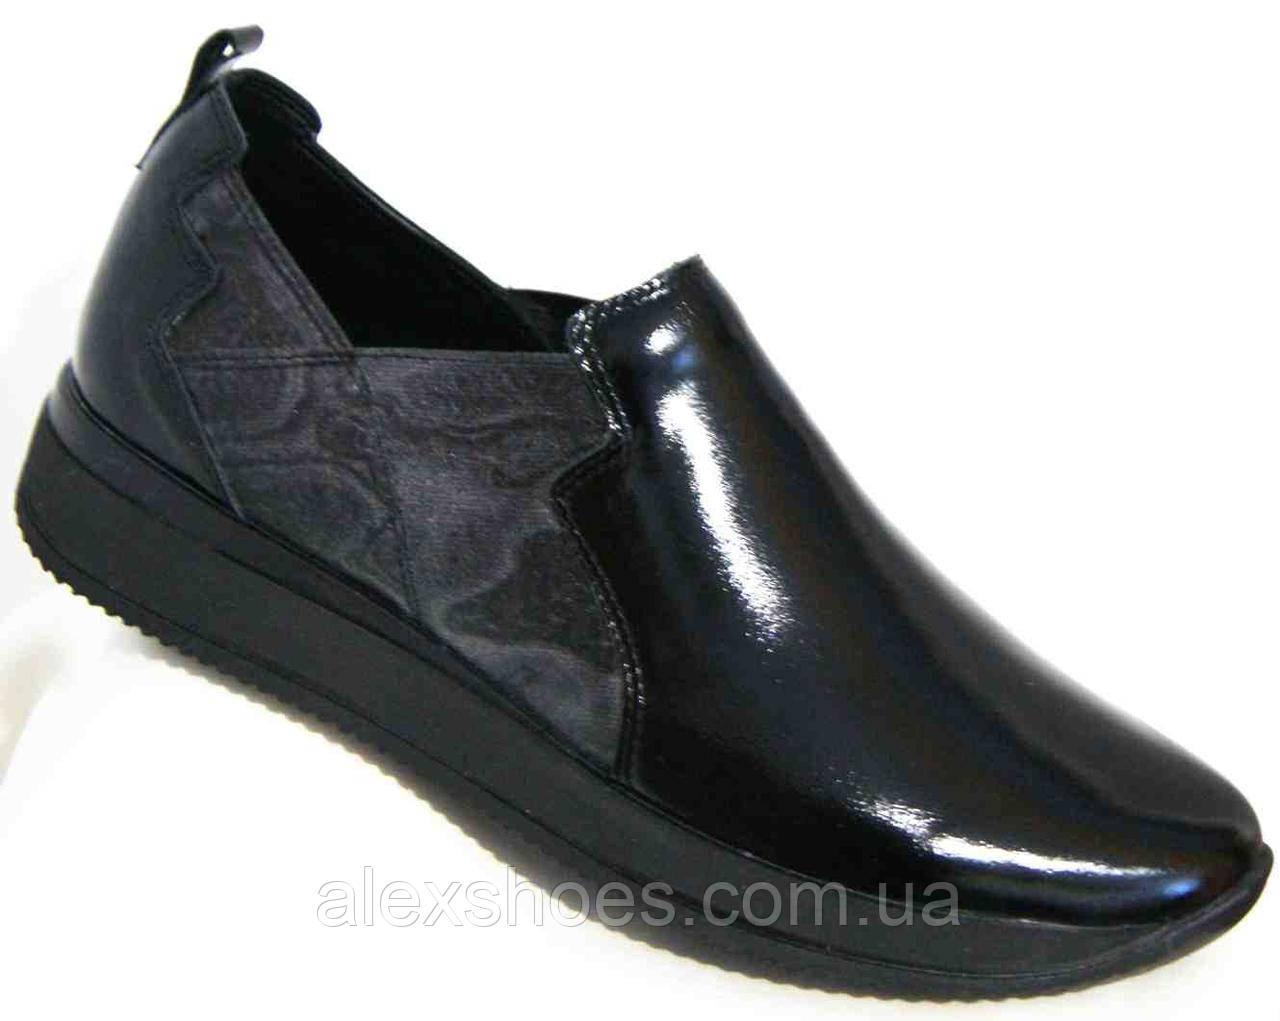 Туфли женские большого размера из натуральной кожи от производителя модель В5236-6